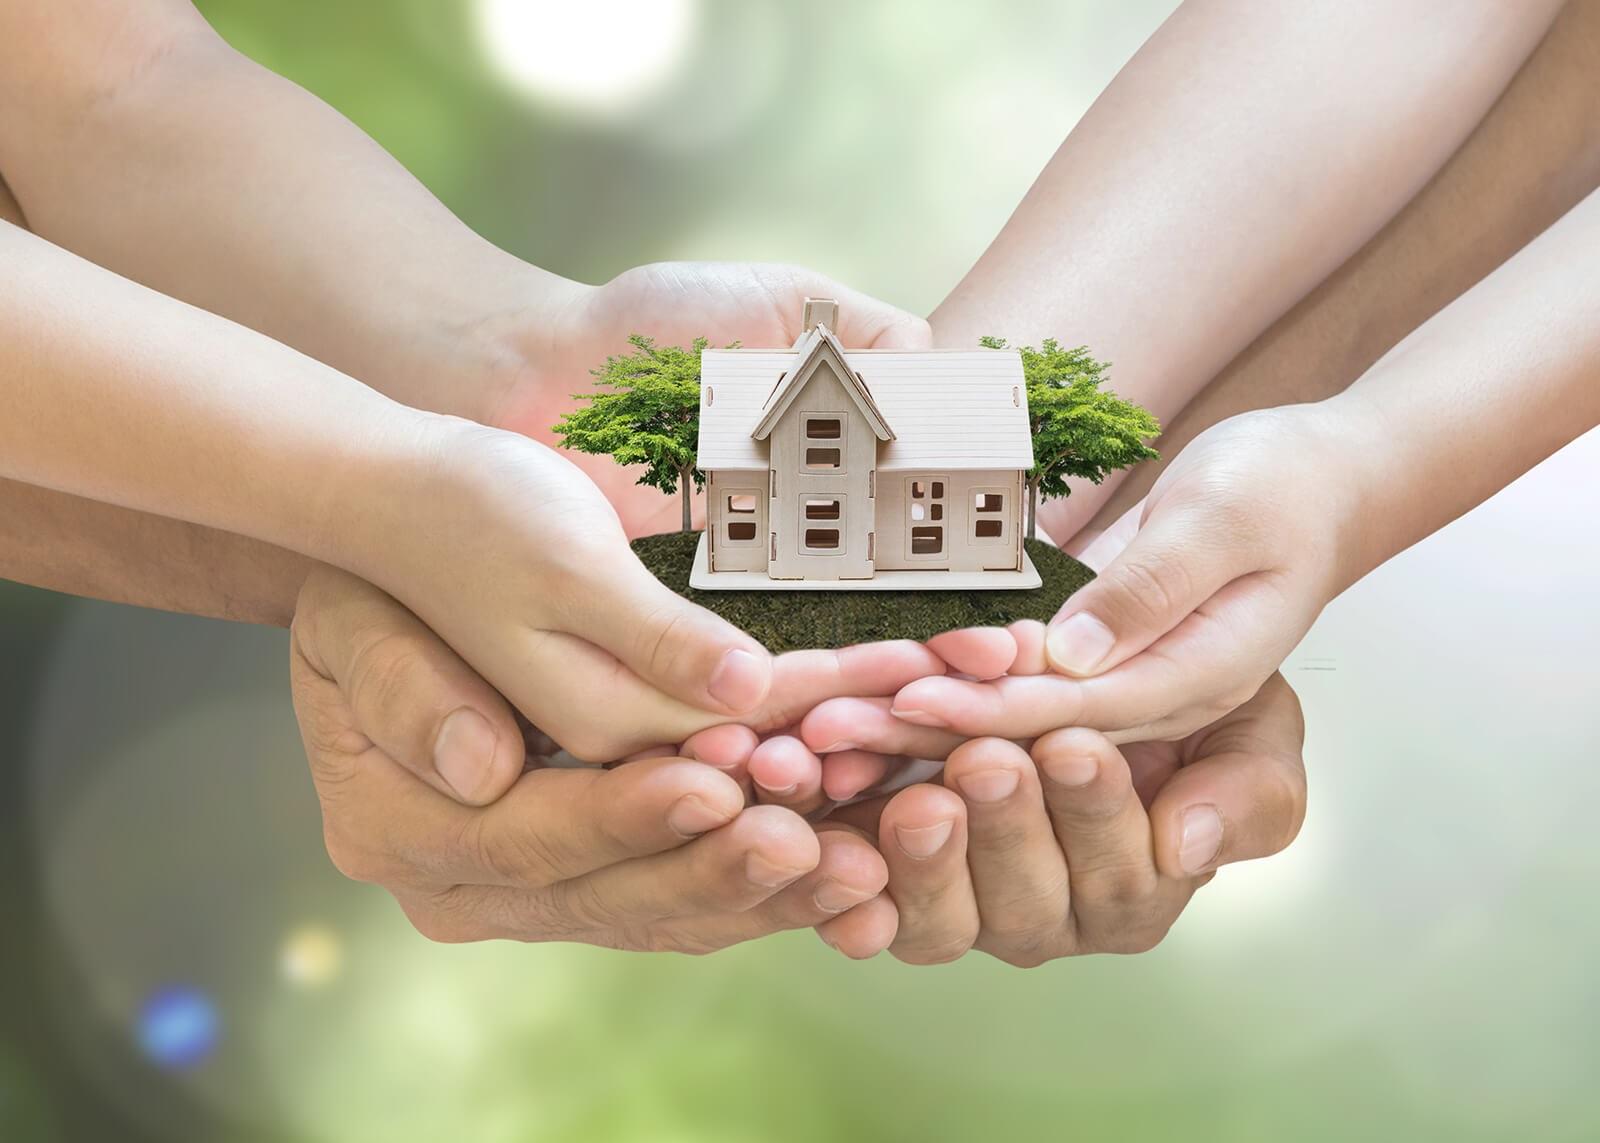 Vereniging Eigen Huis kiest voor HEYDAY als multi-service partner